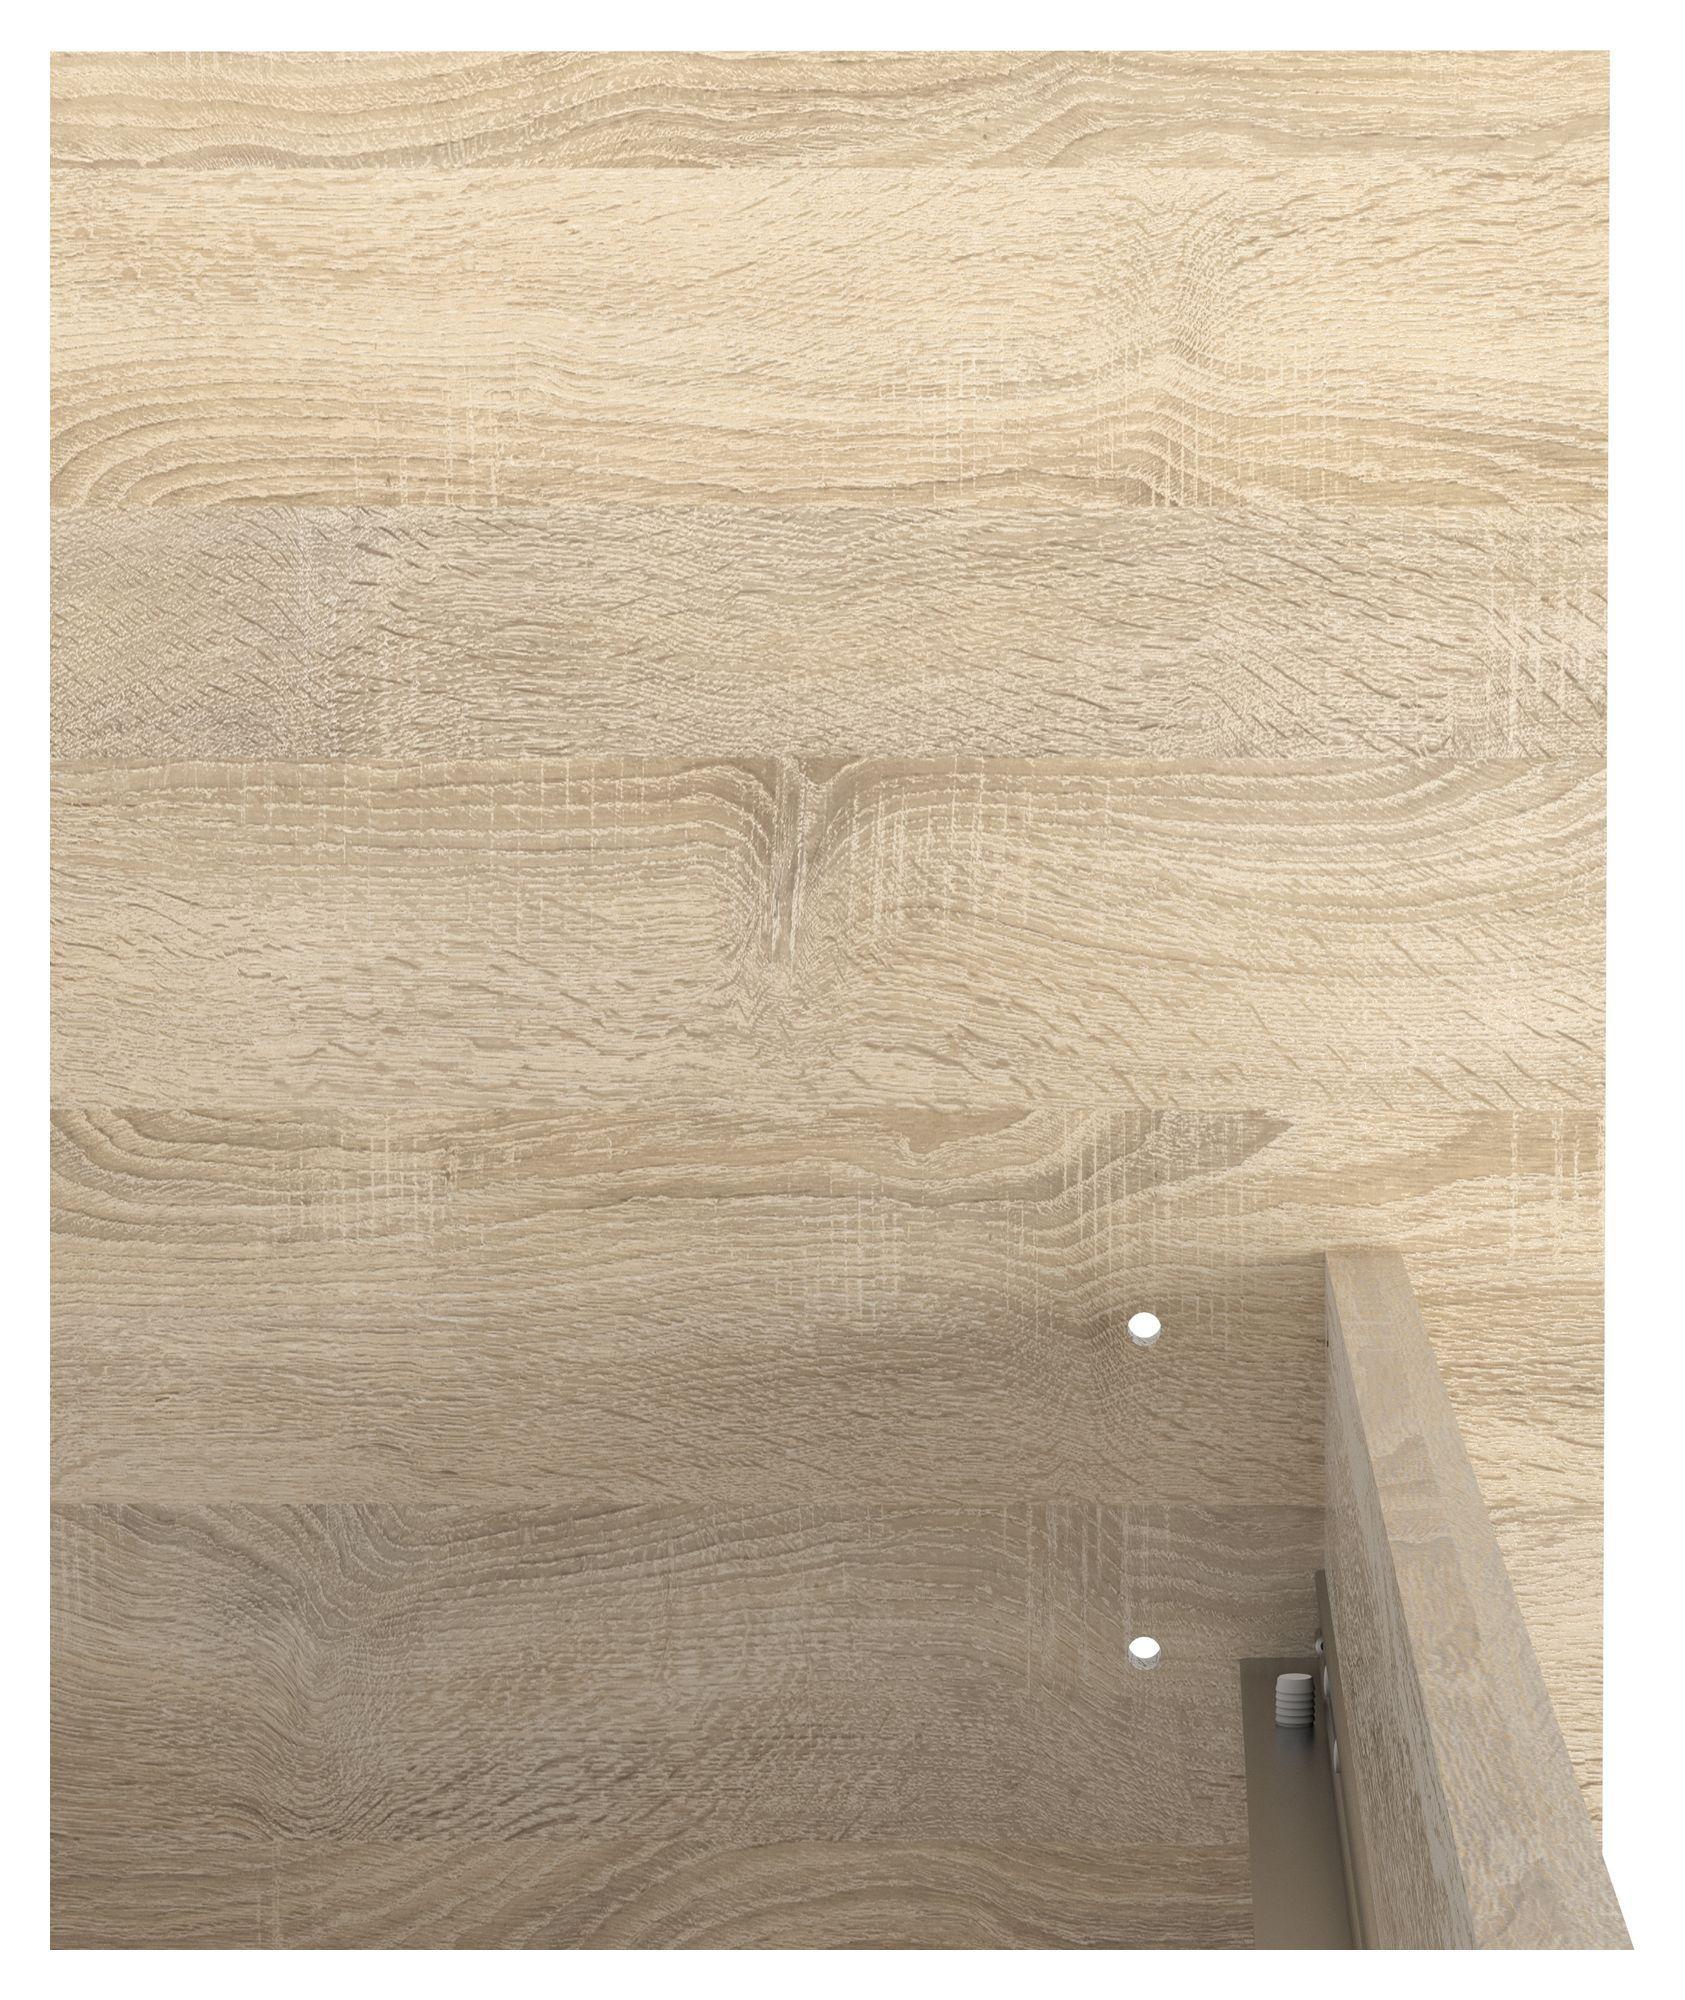 Style Sengeramme - Lys træ 160x200 - Seng i eg - 160x200 cm